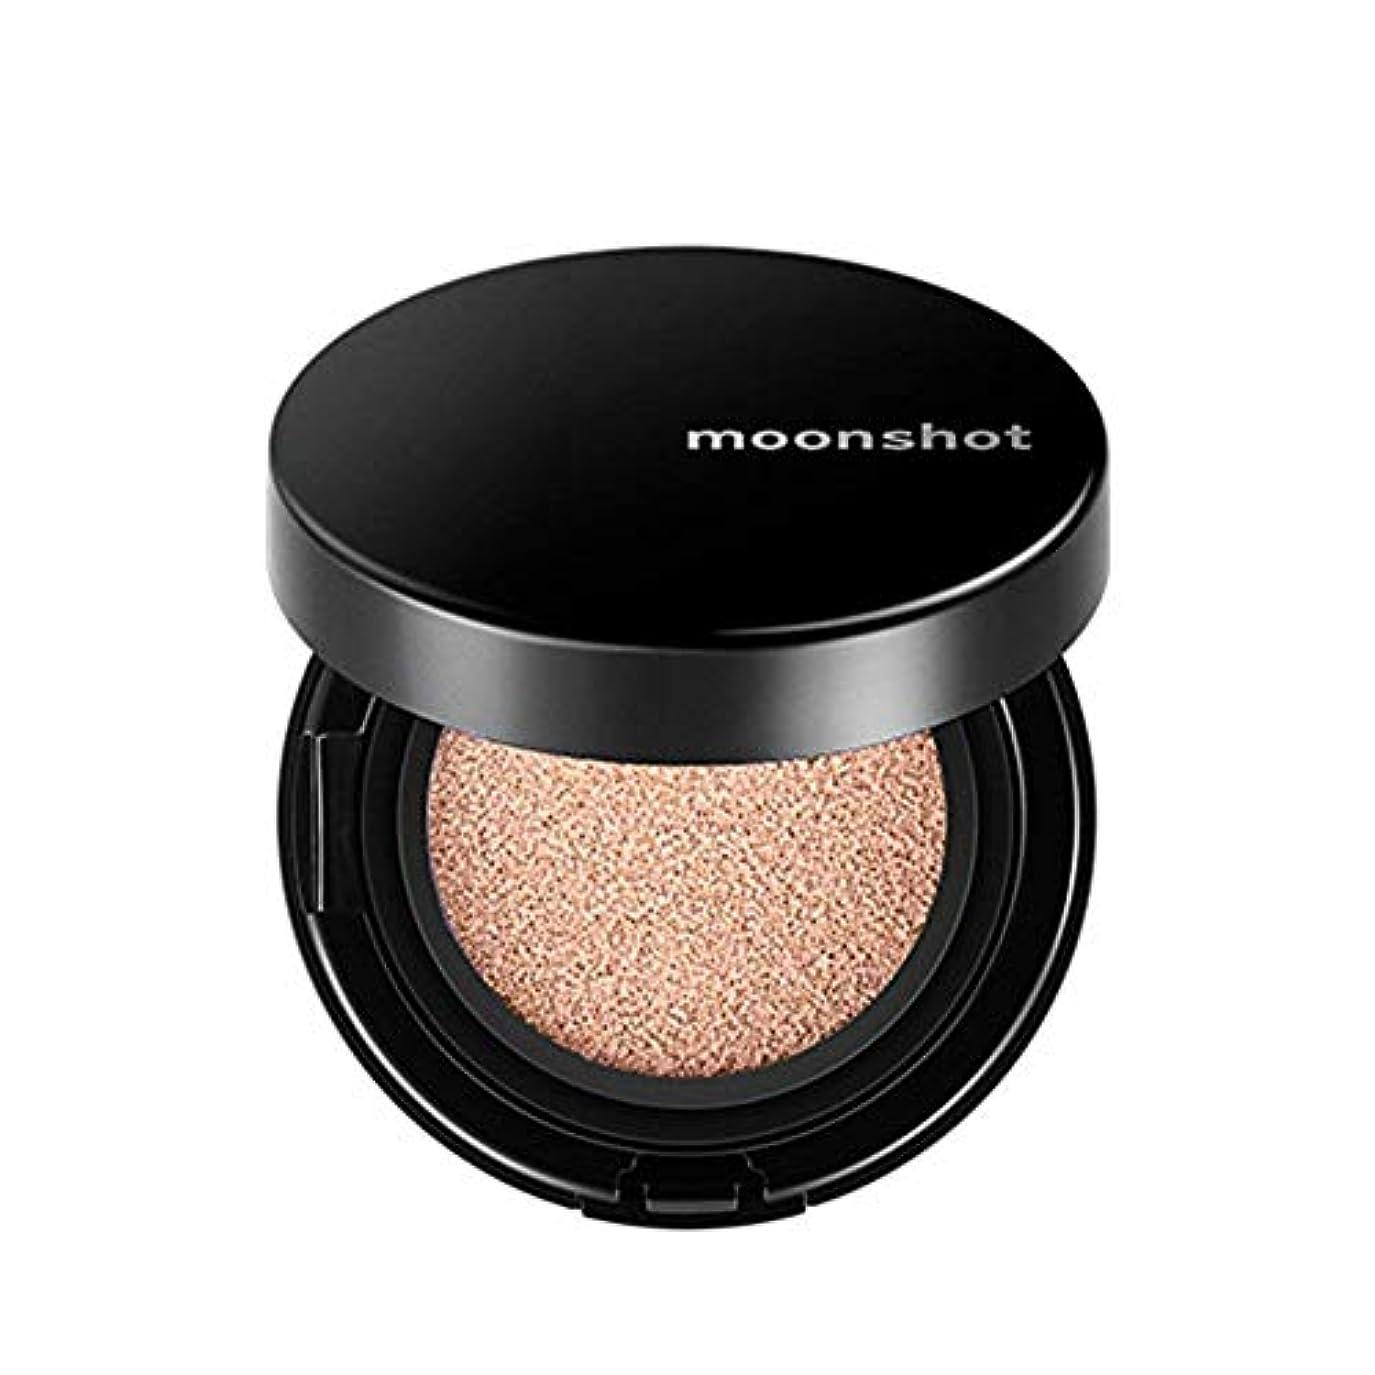 密度可能負担ムーンショット(moonshot) ブラックピンク マイクロフィットクッションファンデ 201